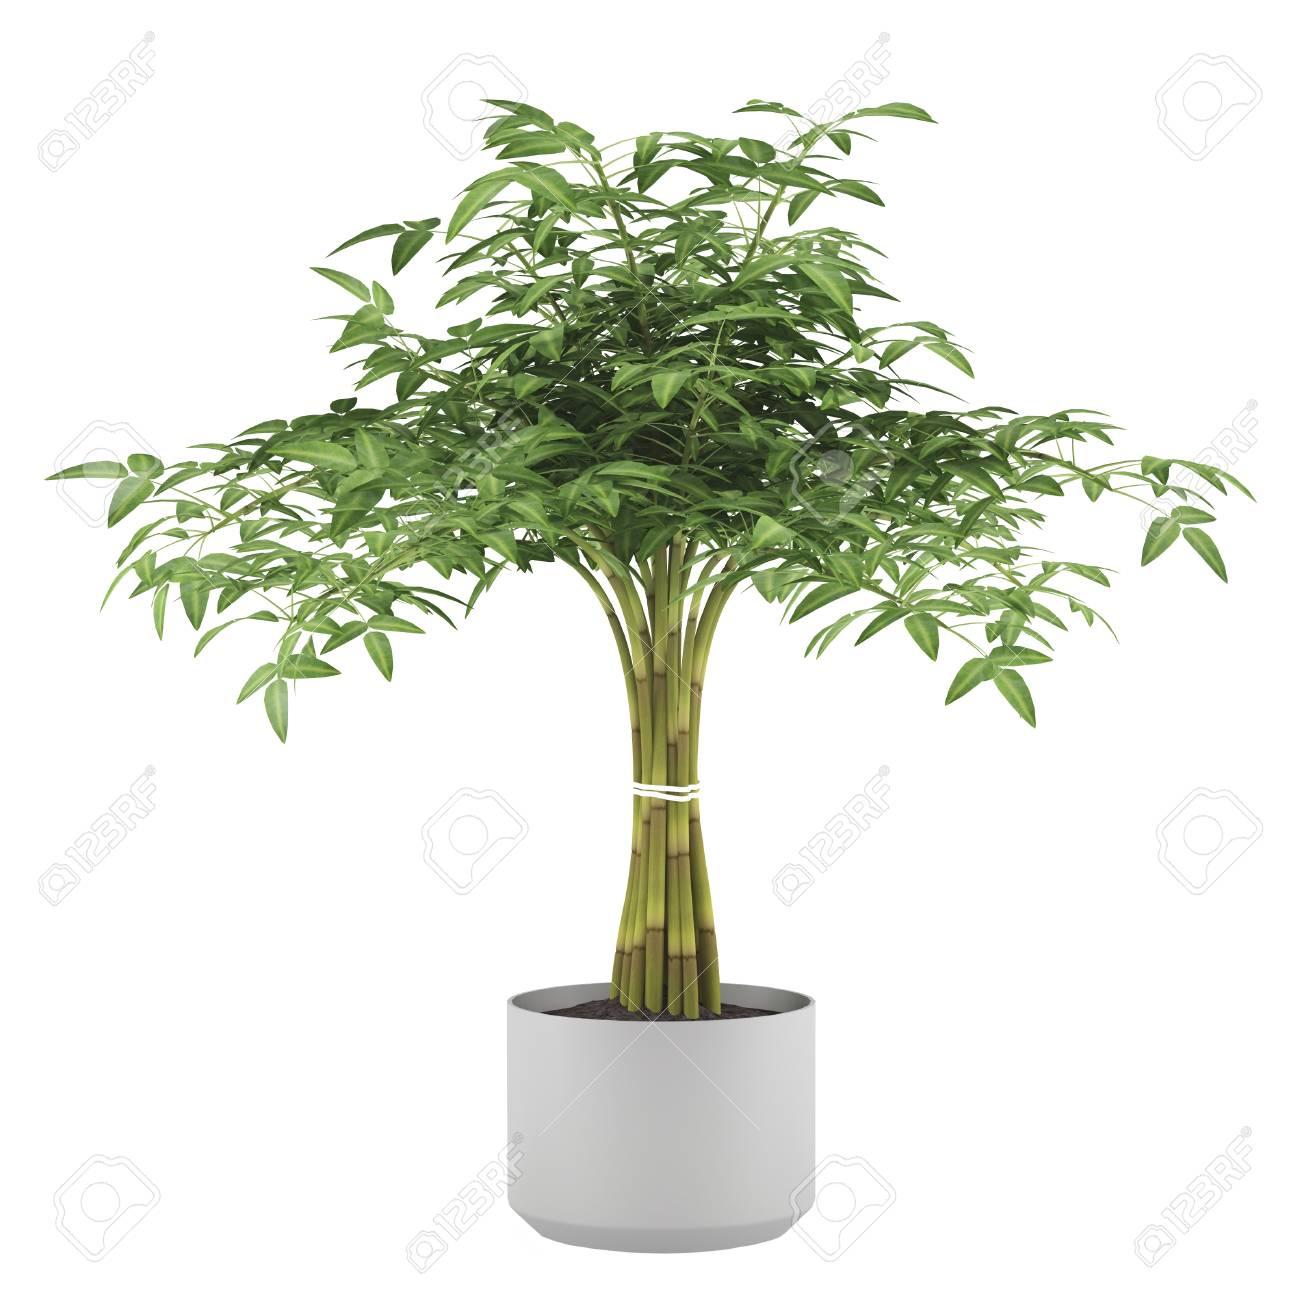 arbre décoratif de plantes dans le pot de balle banque d'images et